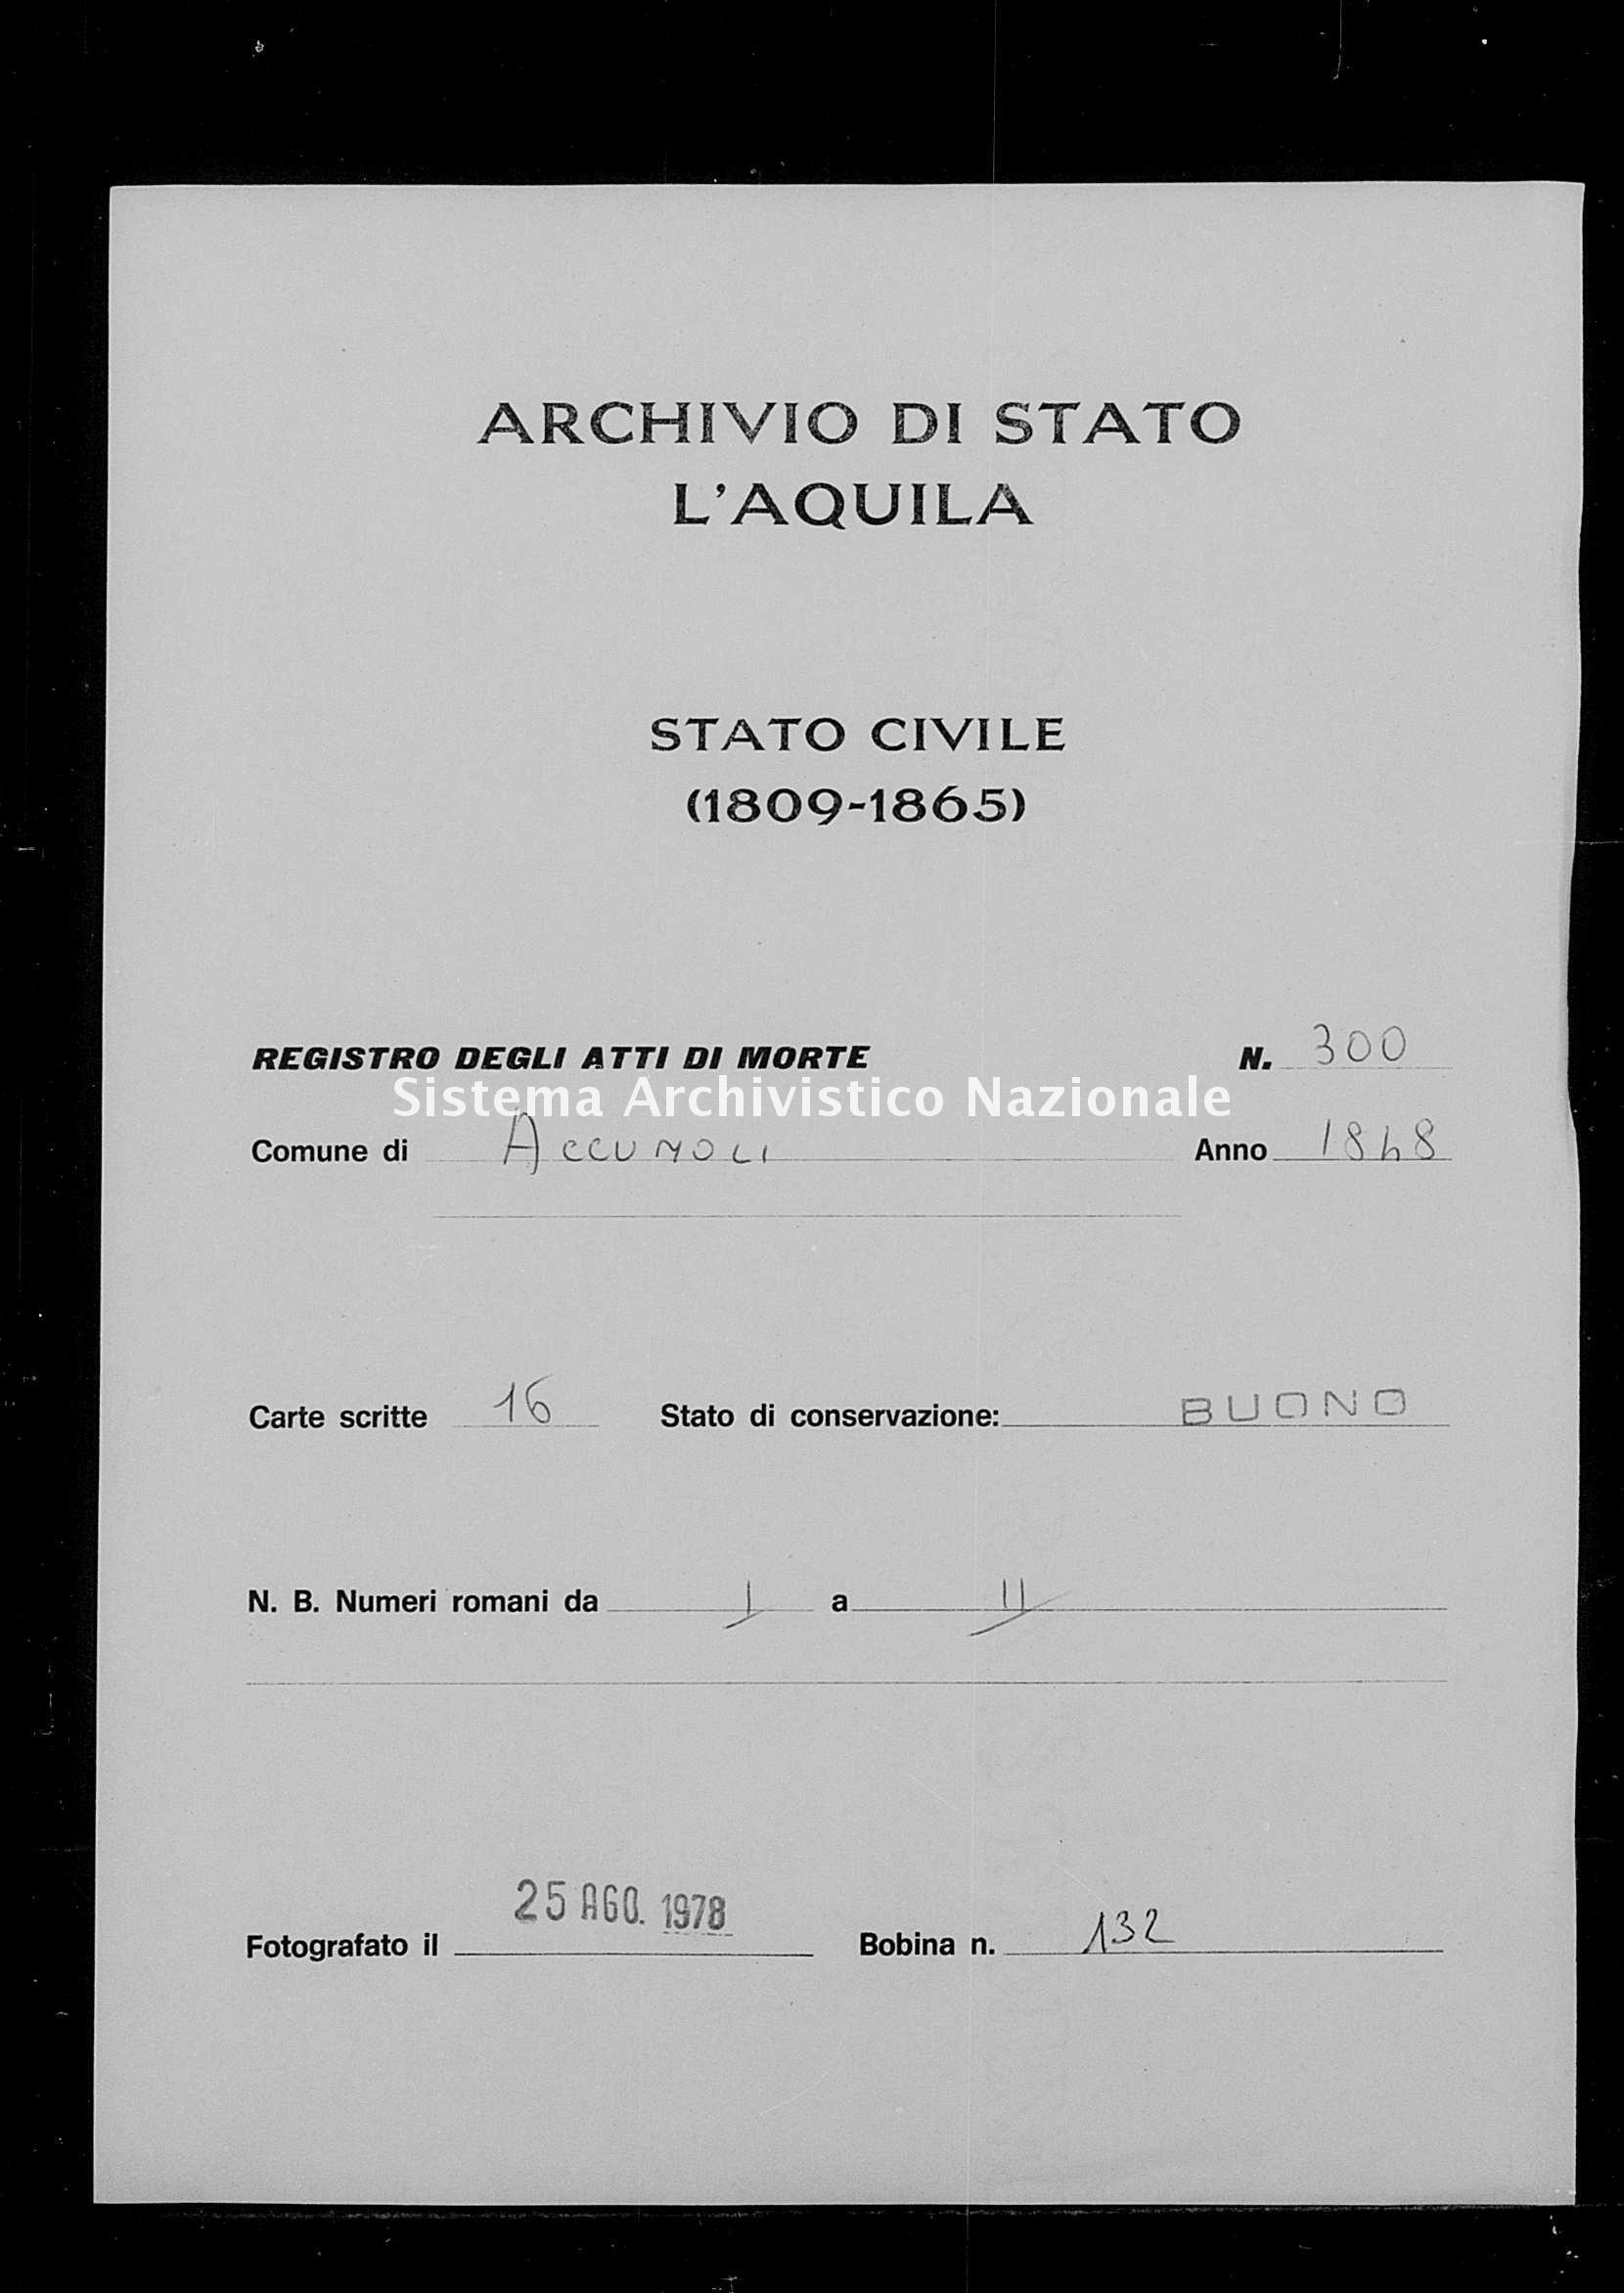 Archivio di stato di L'aquila - Stato civile della restaurazione - Accumoli - Morti - 1848 - 300 -